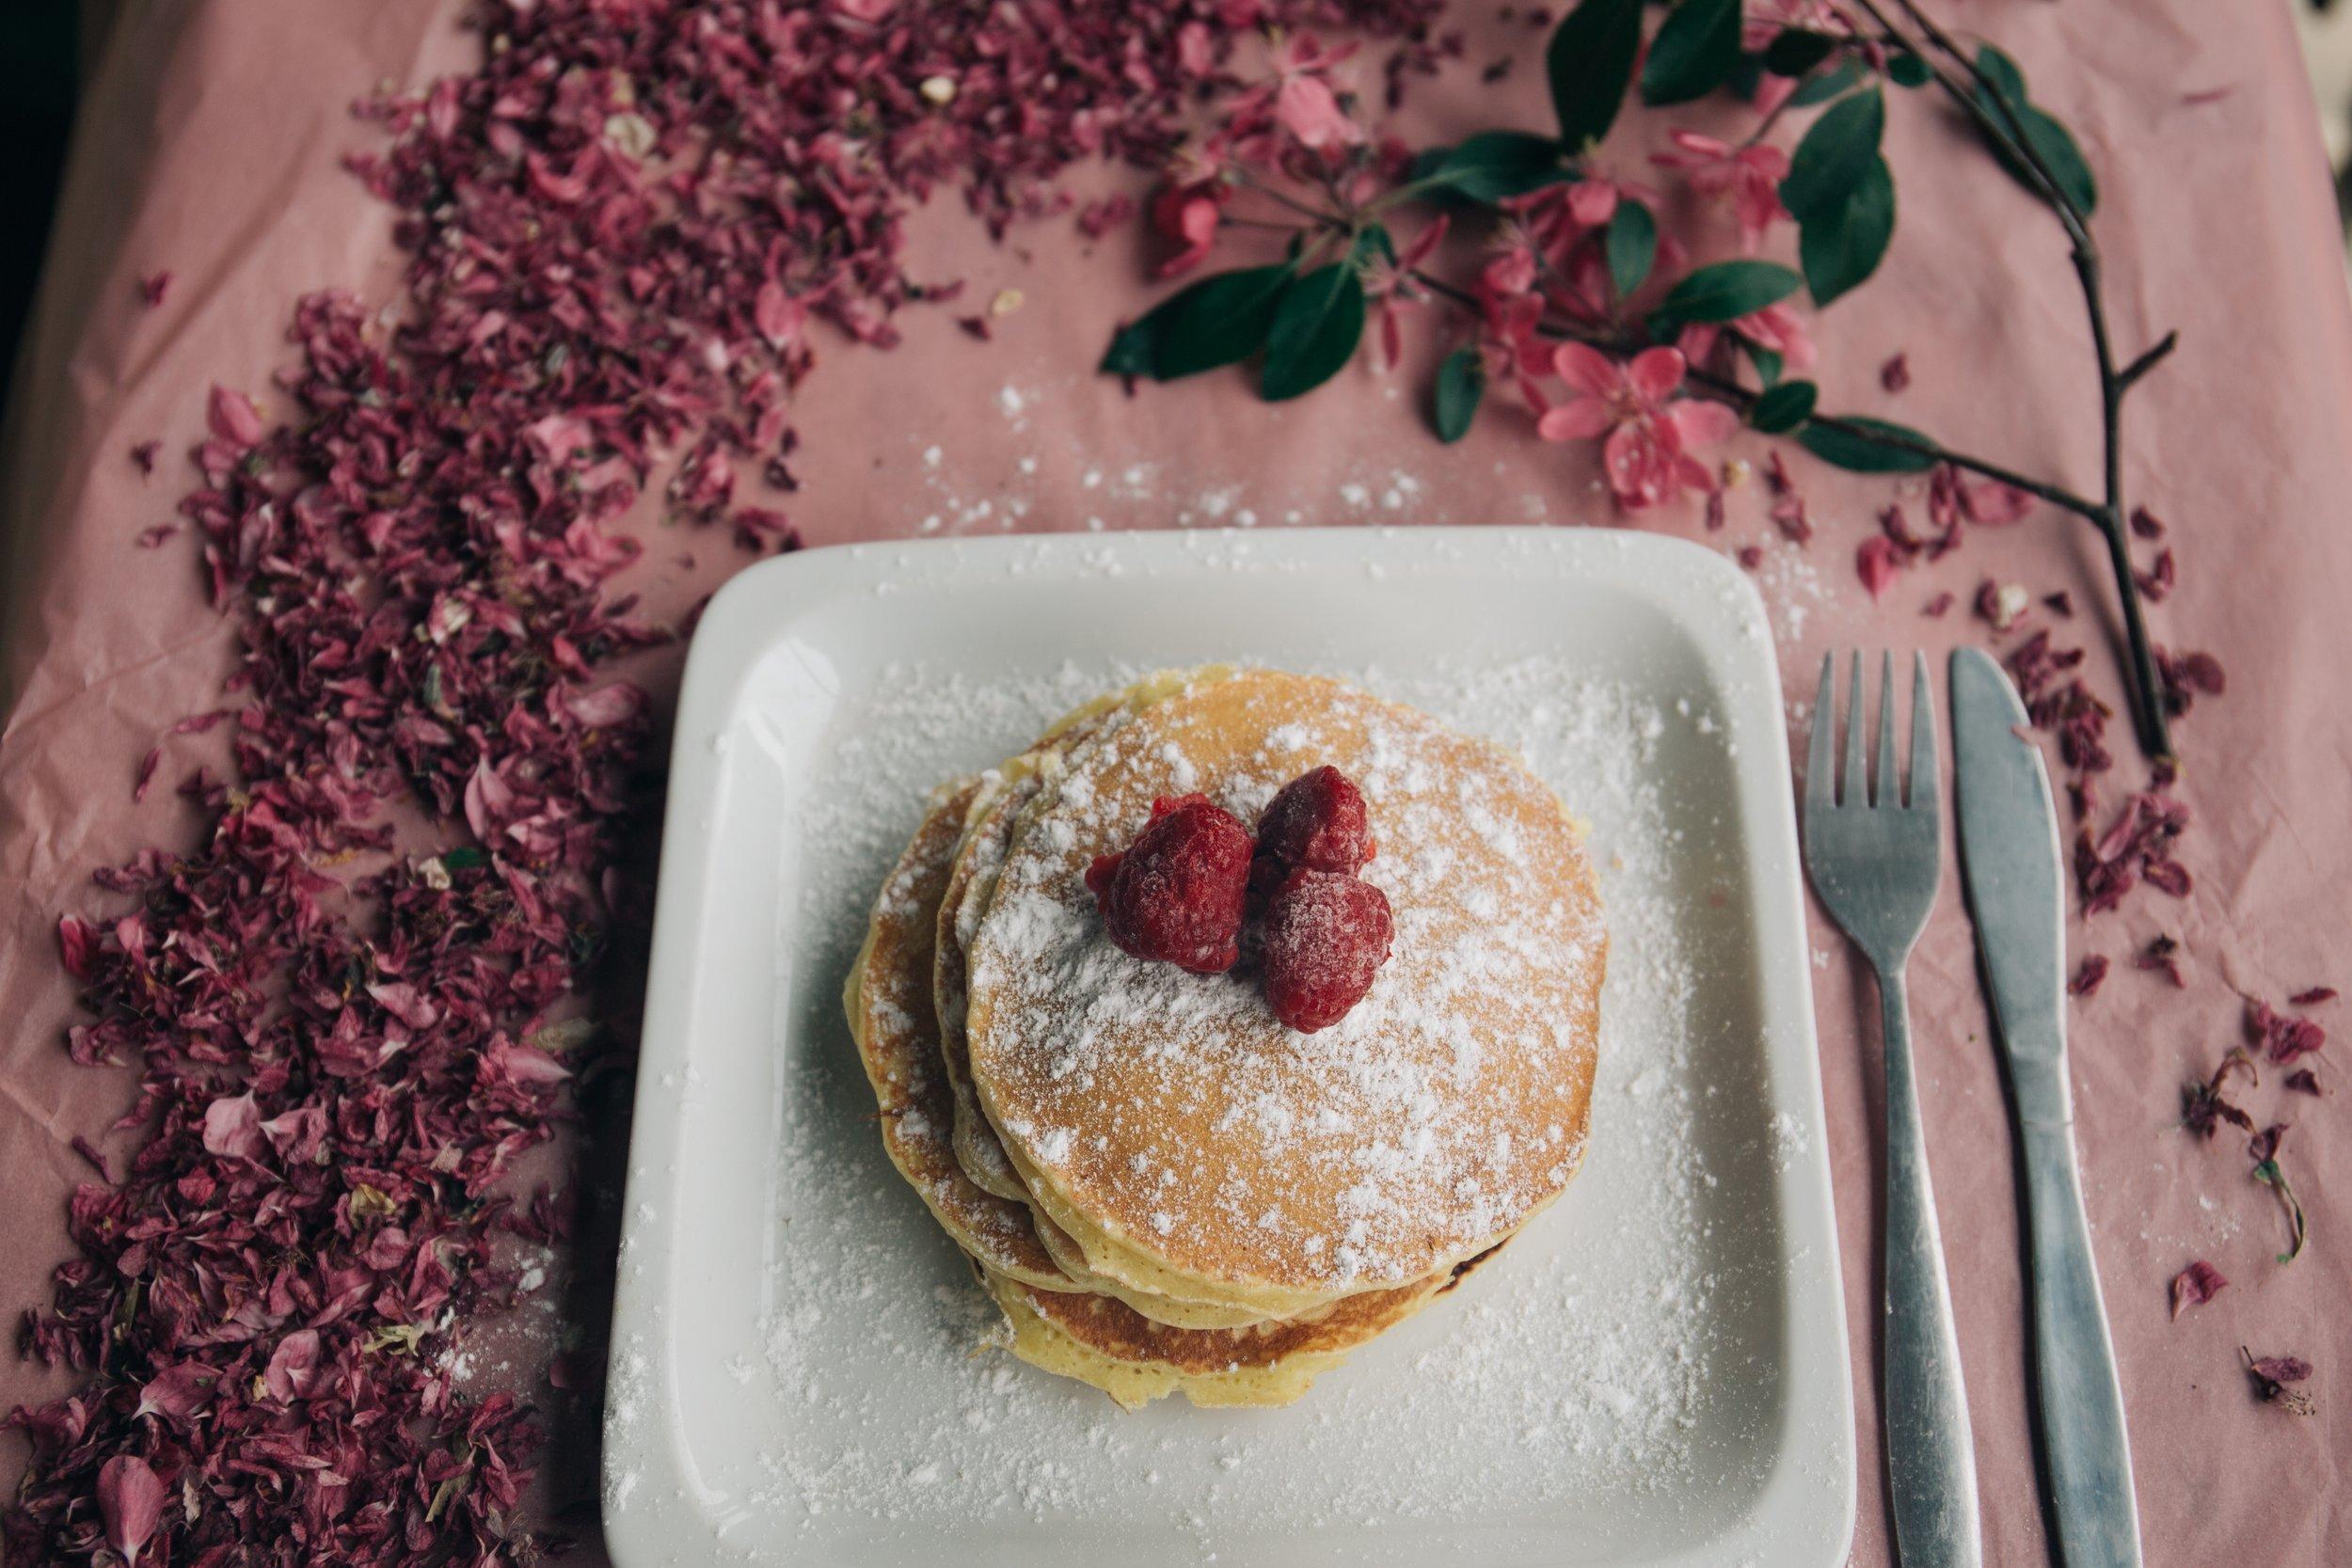 Pour ne pas être à plat ! - Envie de faire un petit brunch ? Et si vous faisiez des pancakes ultra-simples ? Uniquement 2 ingrédients sont nécessaires dans cette recette : banane et oeuf.